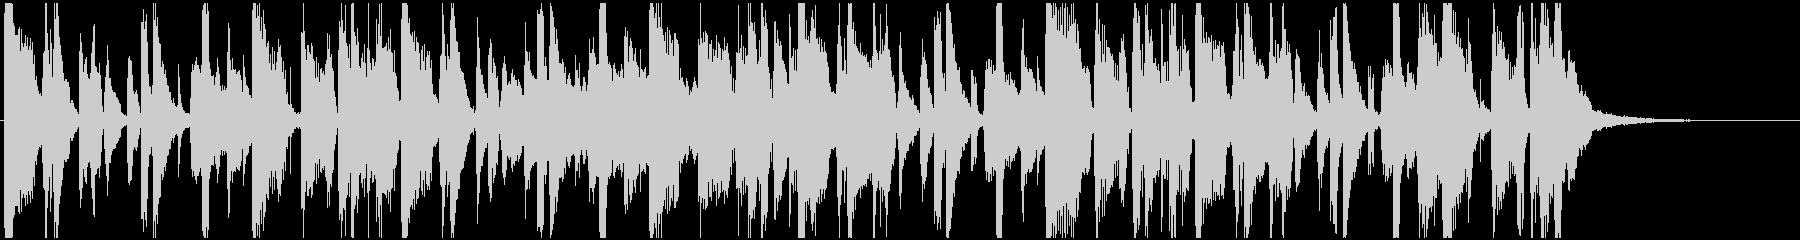 カッティングギター ファンキージングル の未再生の波形